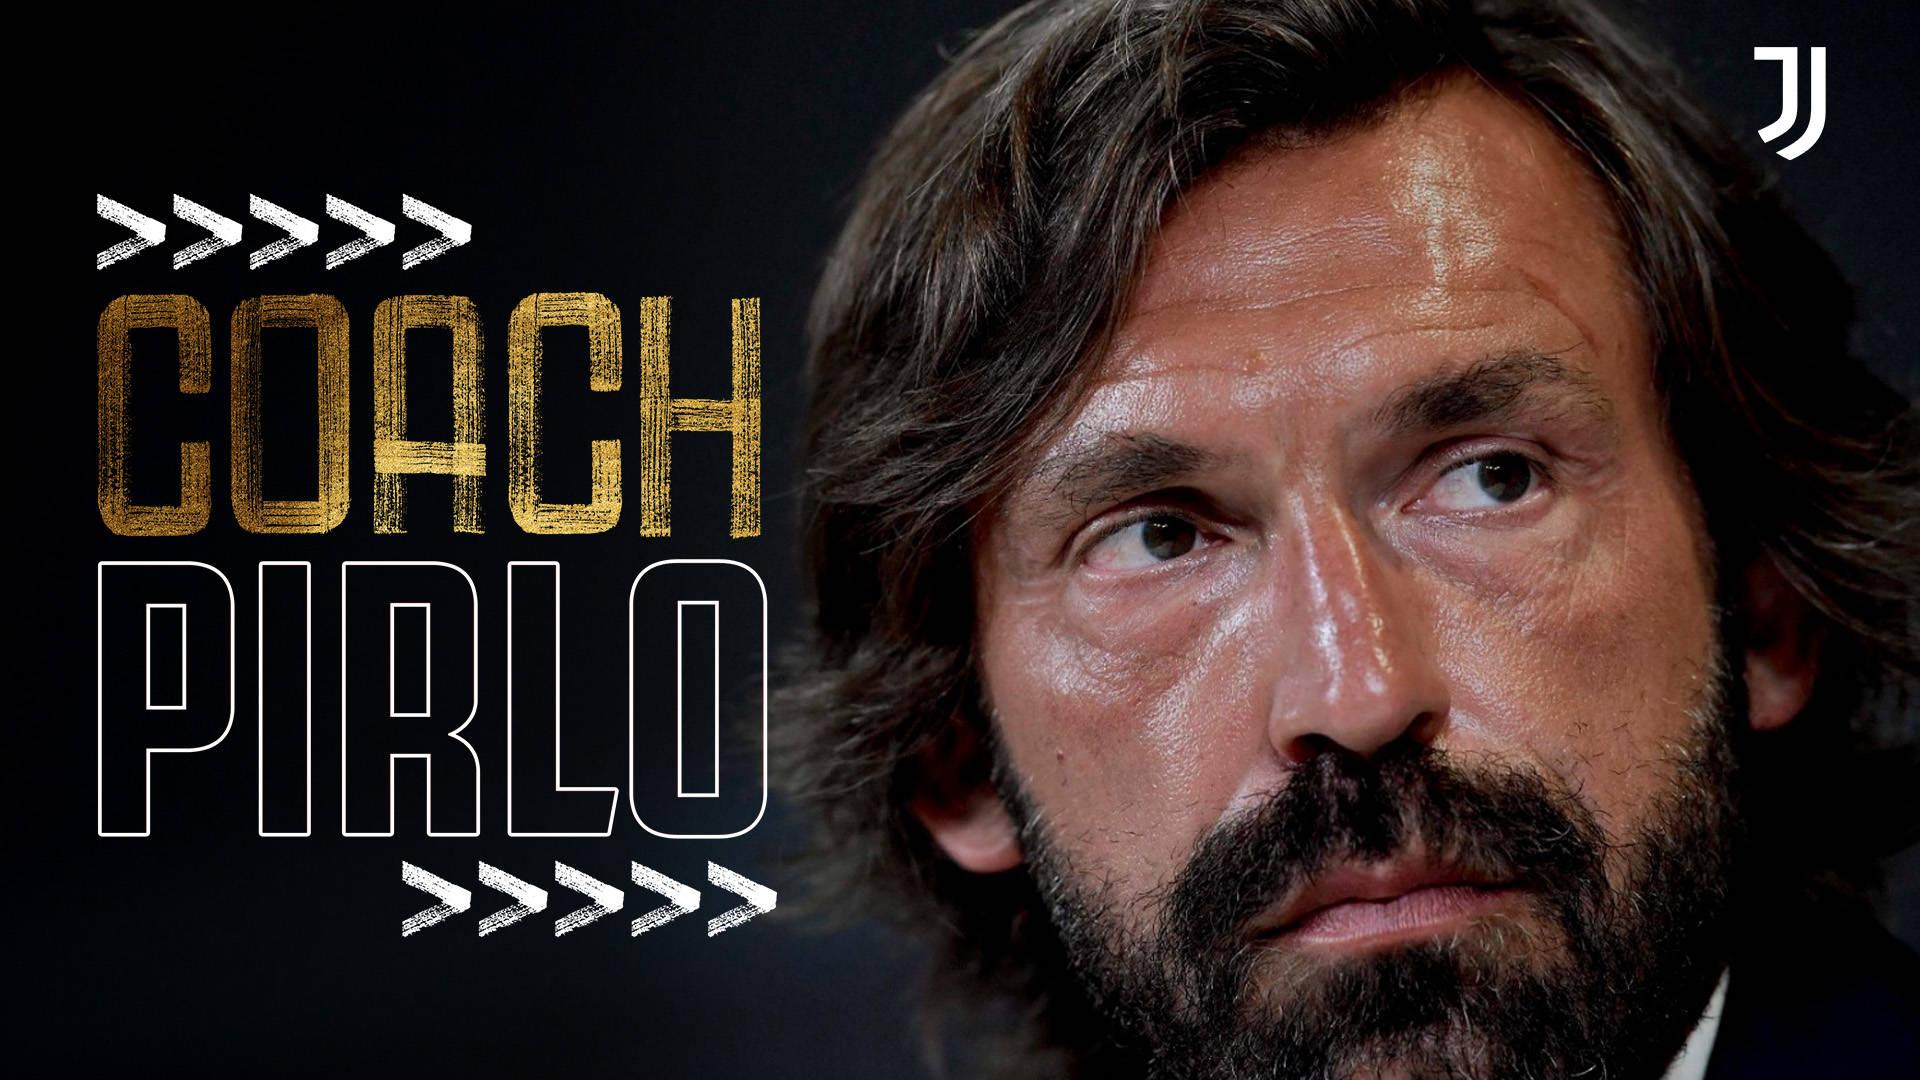 现年41岁的皮尔洛,球员生计为尤文图斯效力过